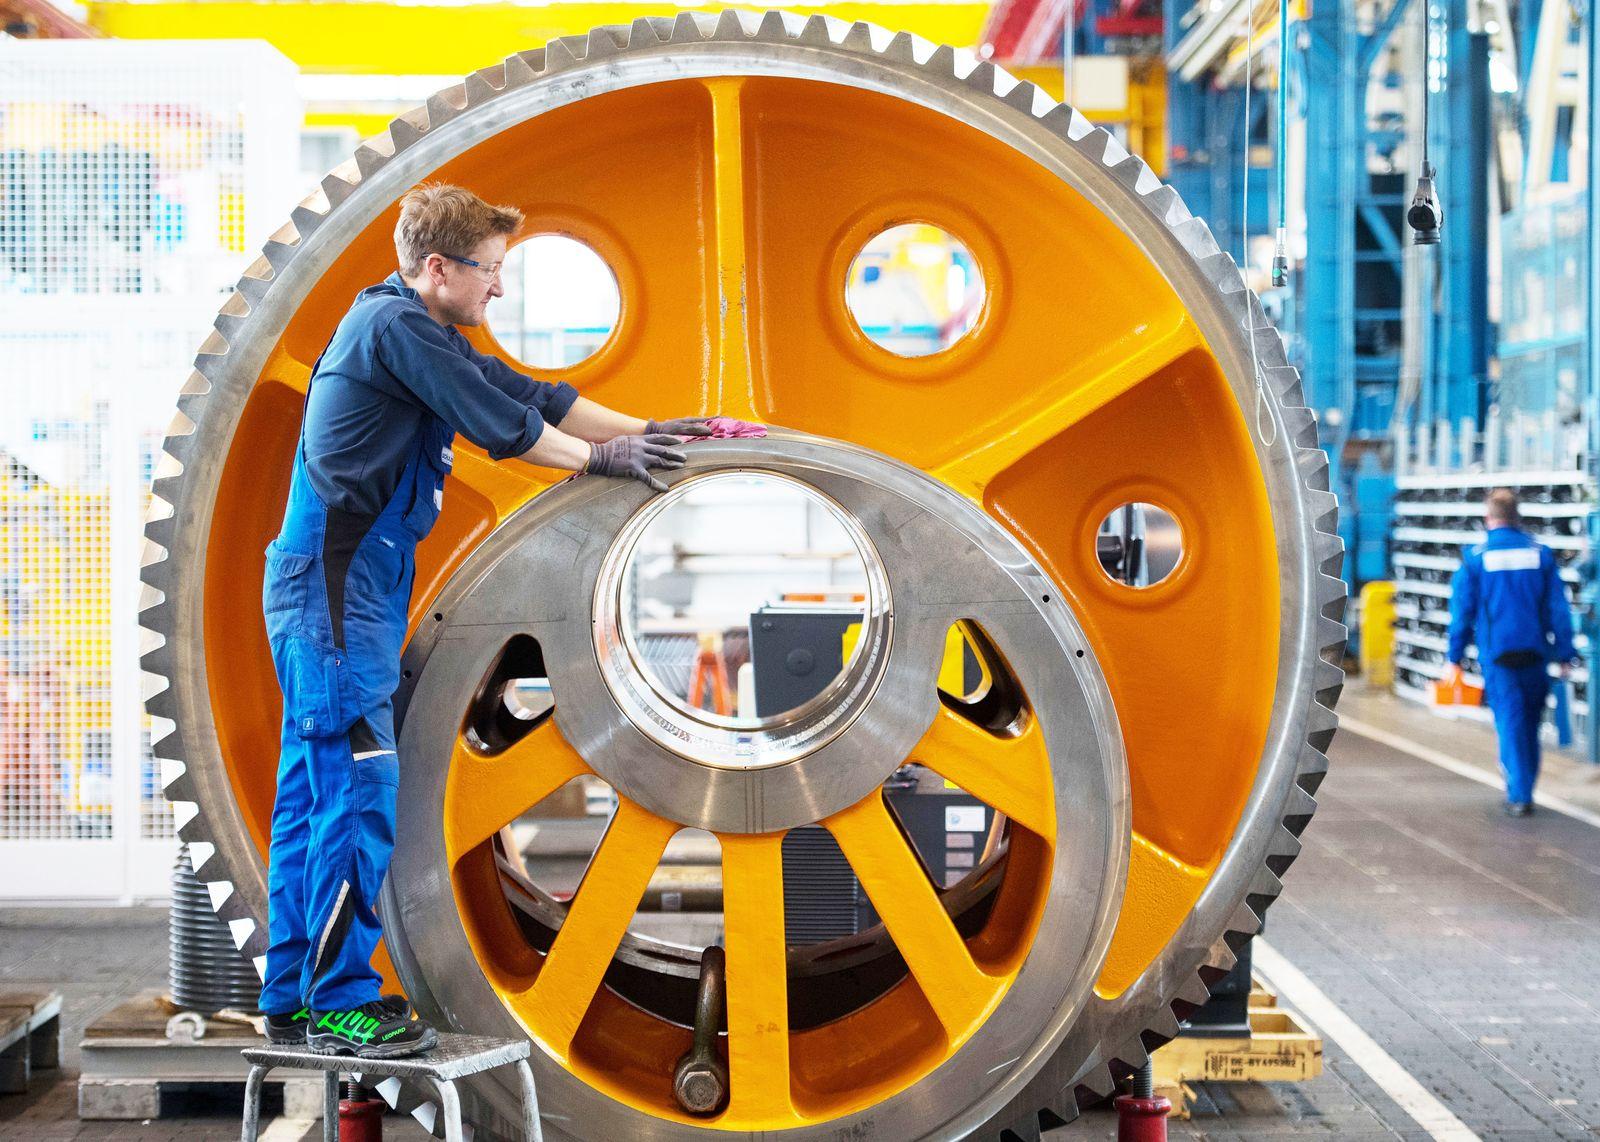 Deutschland / Konjunktur / Wirtschaft / Metallindustrie / Maschinenbau / Arbeitszeit / Industrie